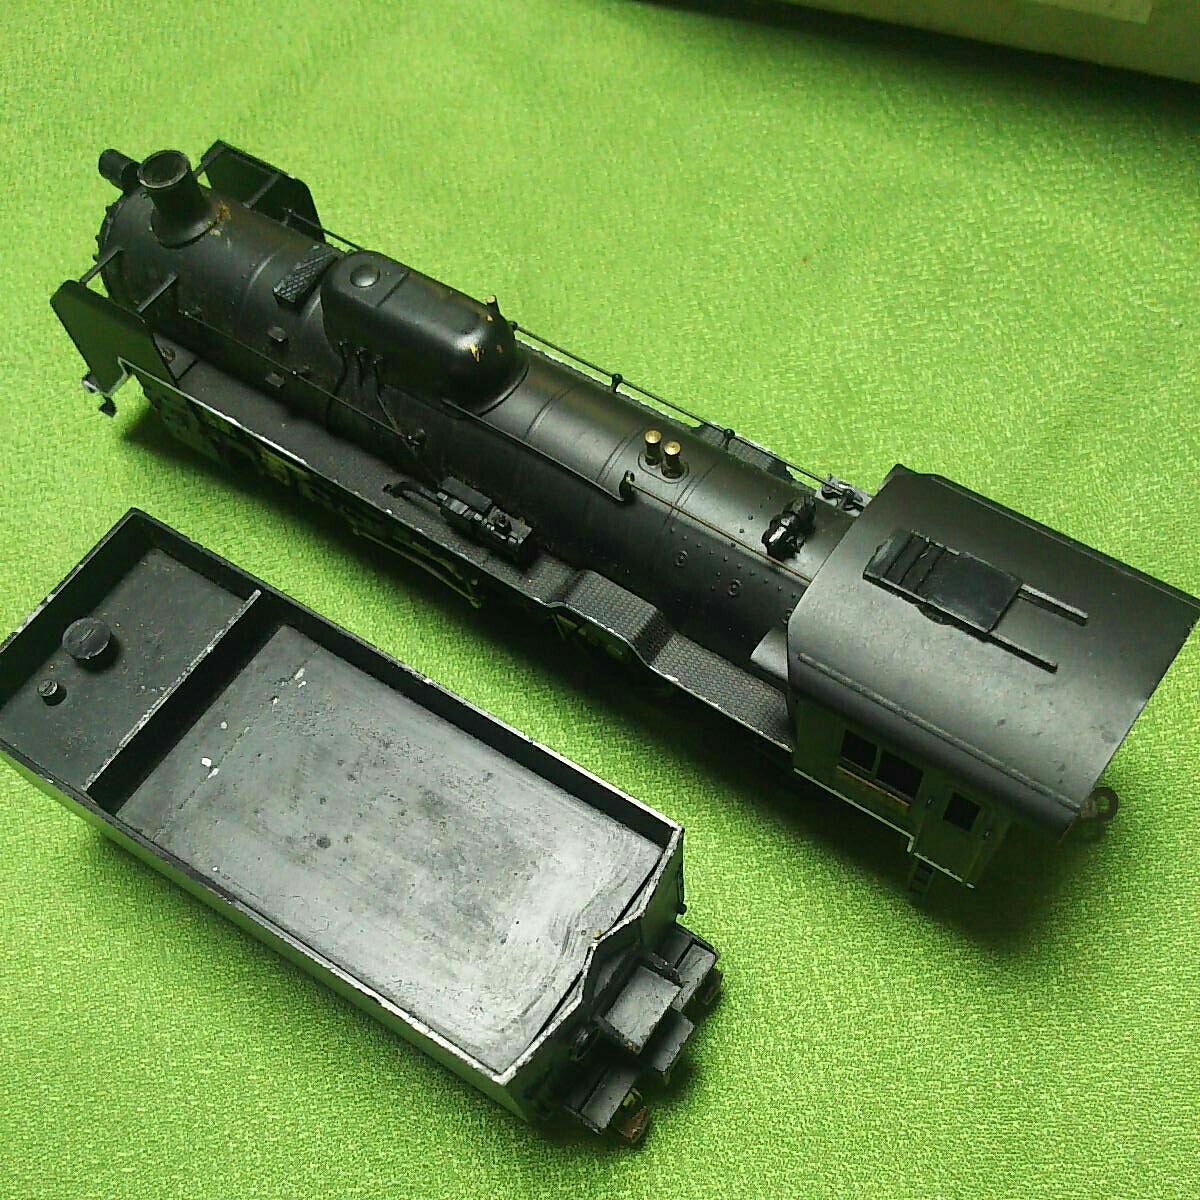 【一円スタート】KTM KATUMI カツミ 形式C59 蒸気機関車 HOゲージ 鉄道模型 ジャンク_画像4